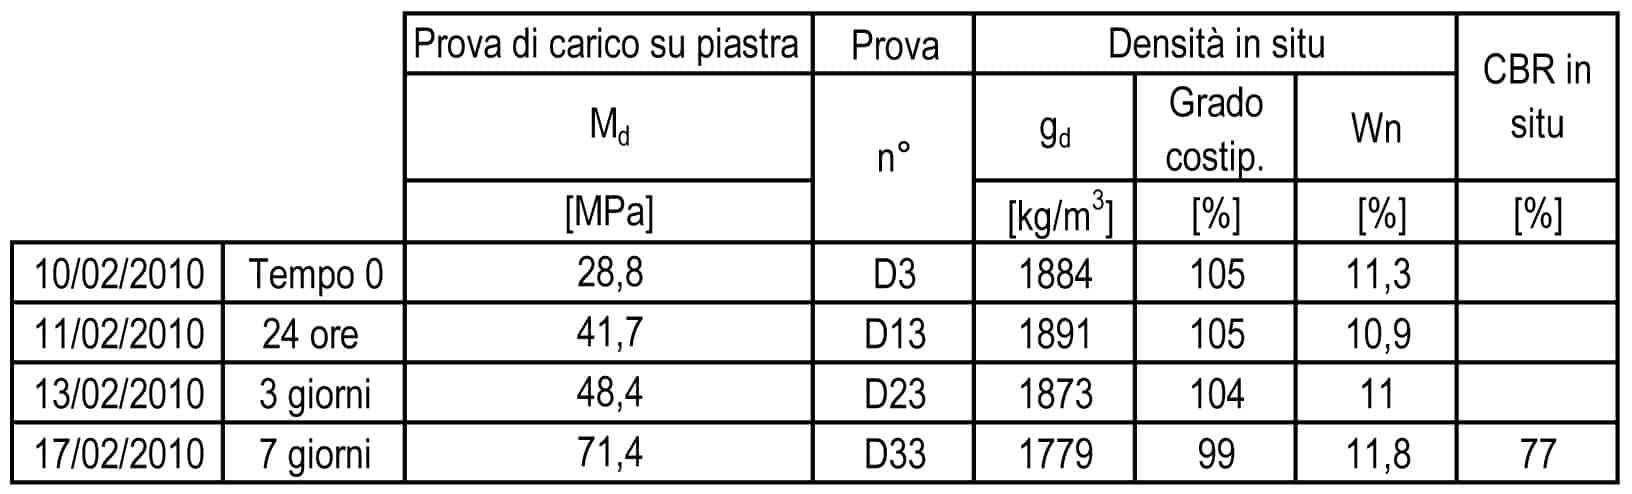 Il quadro riassuntivo prove geotecniche in situ per uno dei punti del campo prova al 2,0% di calce in funzione del tempo